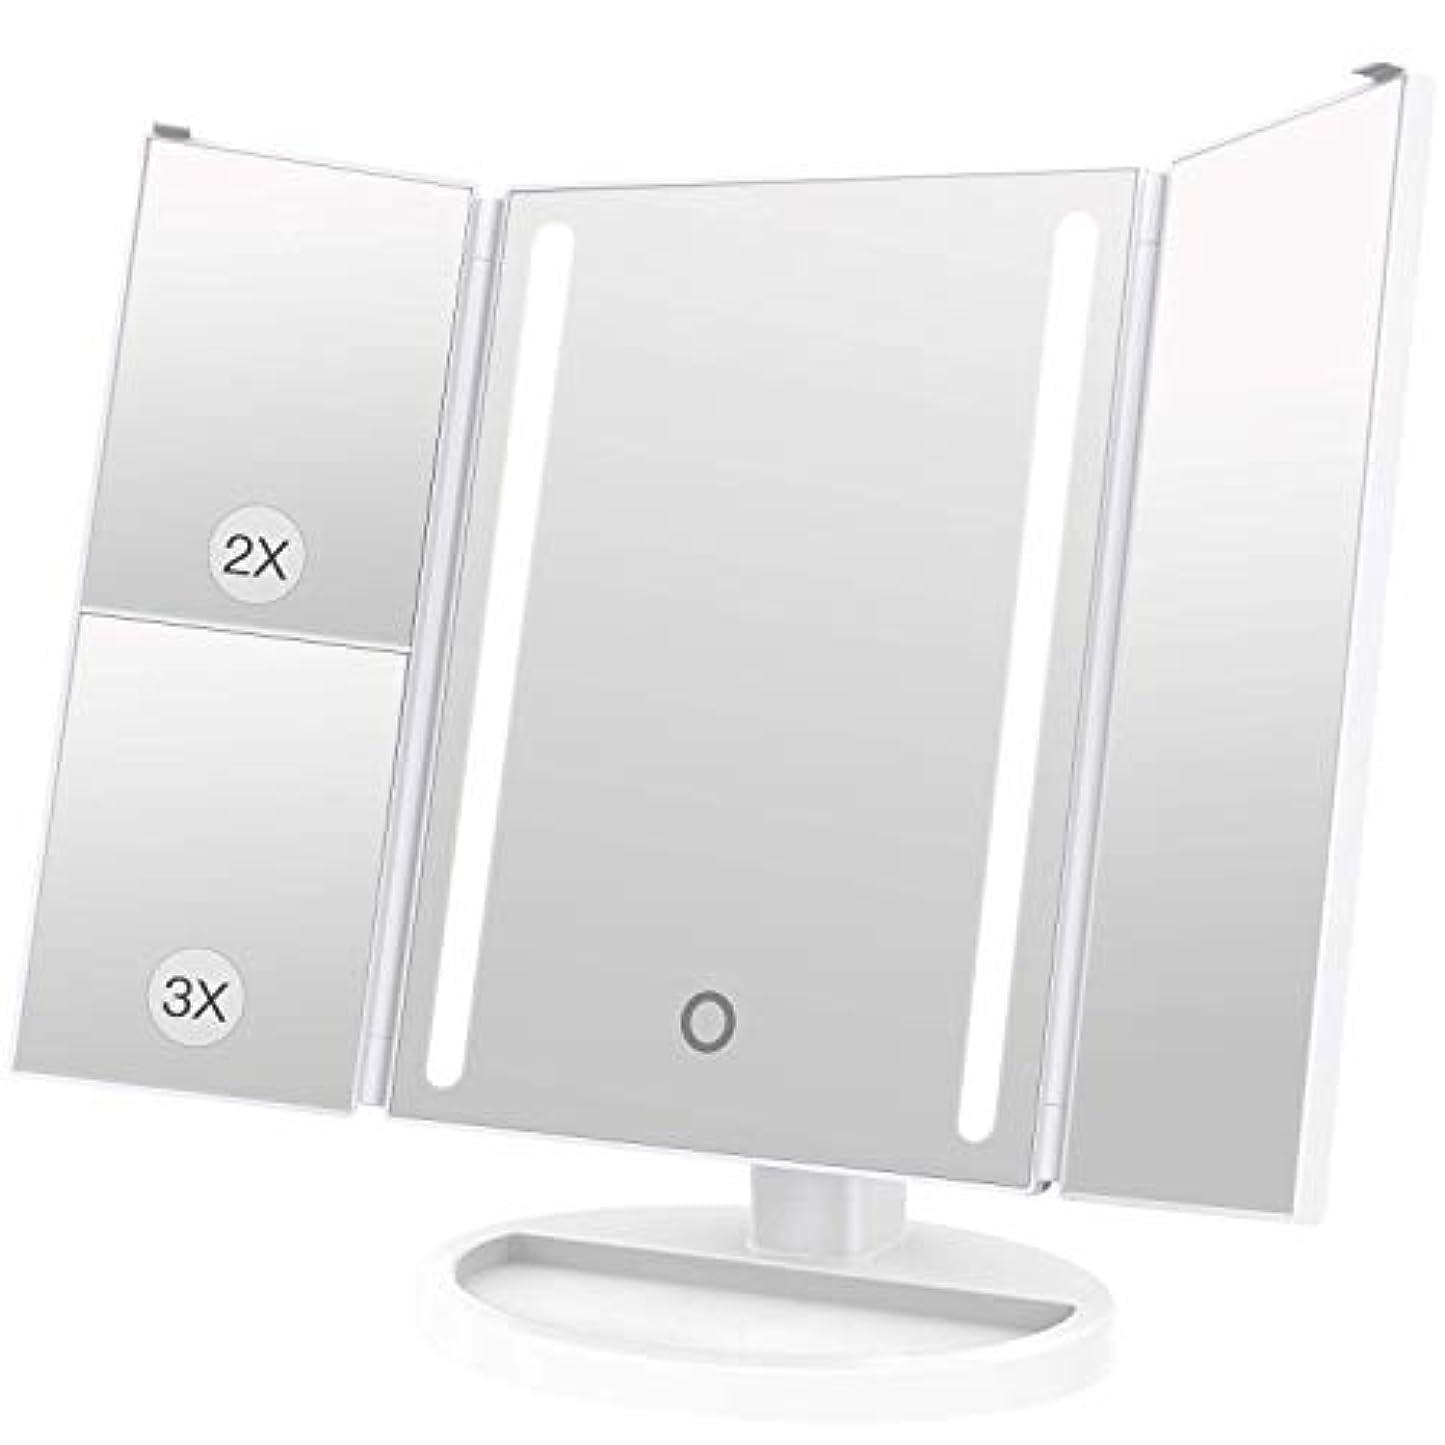 咳尾近代化するLEEPWEI 化粧鏡 LED 三面鏡 2&3倍拡大鏡付き 明るさ調節可能 180度回転 USB/単三電池給電 (ホワイト)